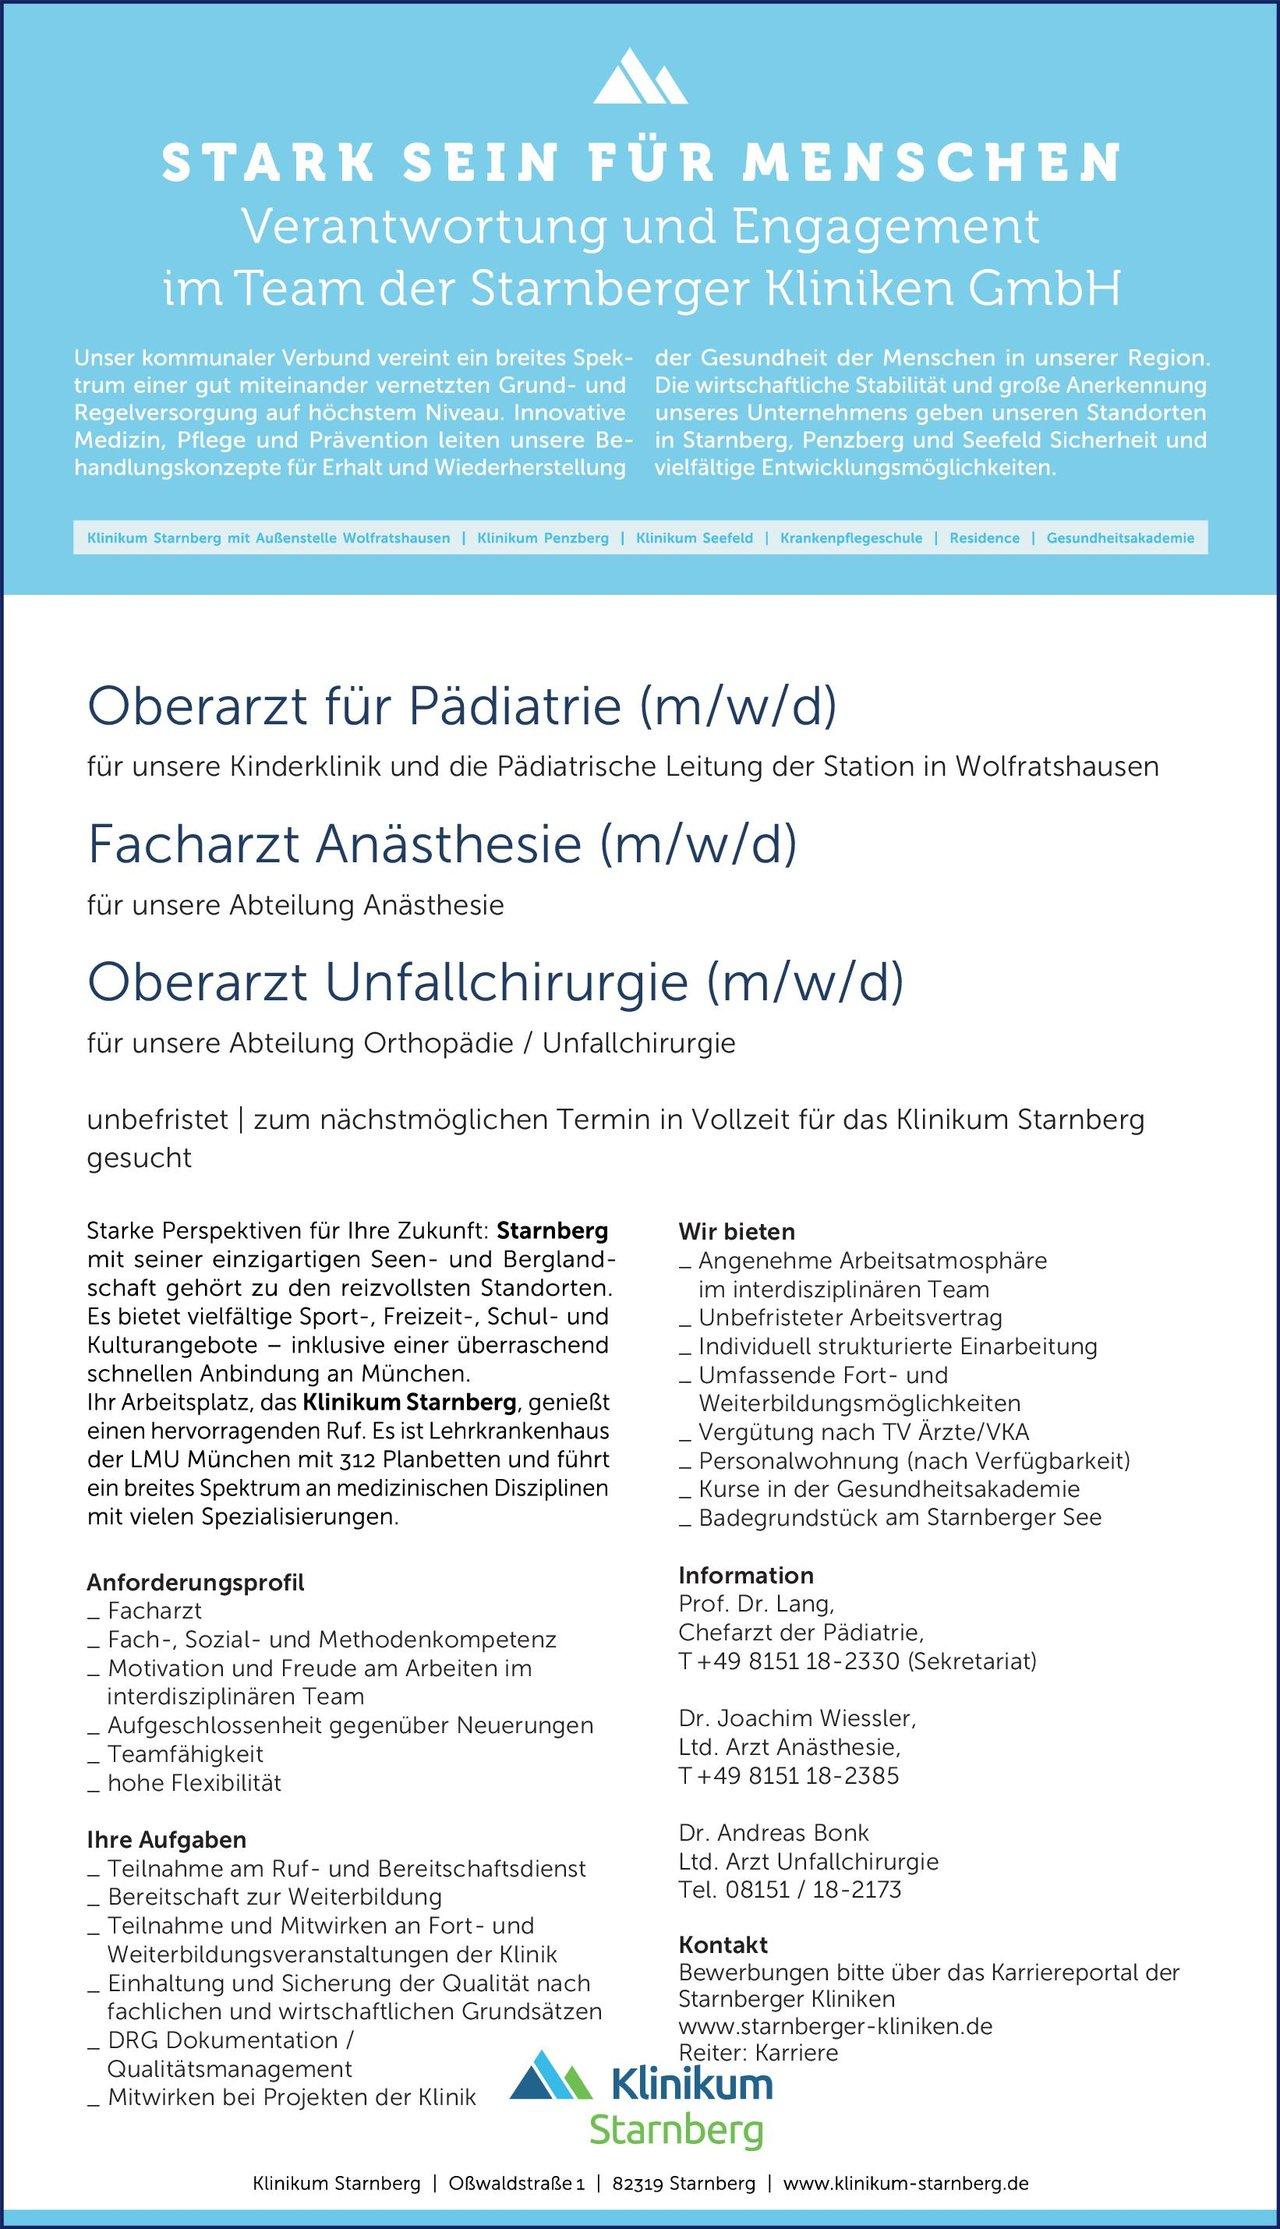 Klinikum Starnberg Oberarzt für Pädiatrie (m/w/d)  Kinder- und Jugendmedizin, Kinder- und Jugendmedizin Oberarzt